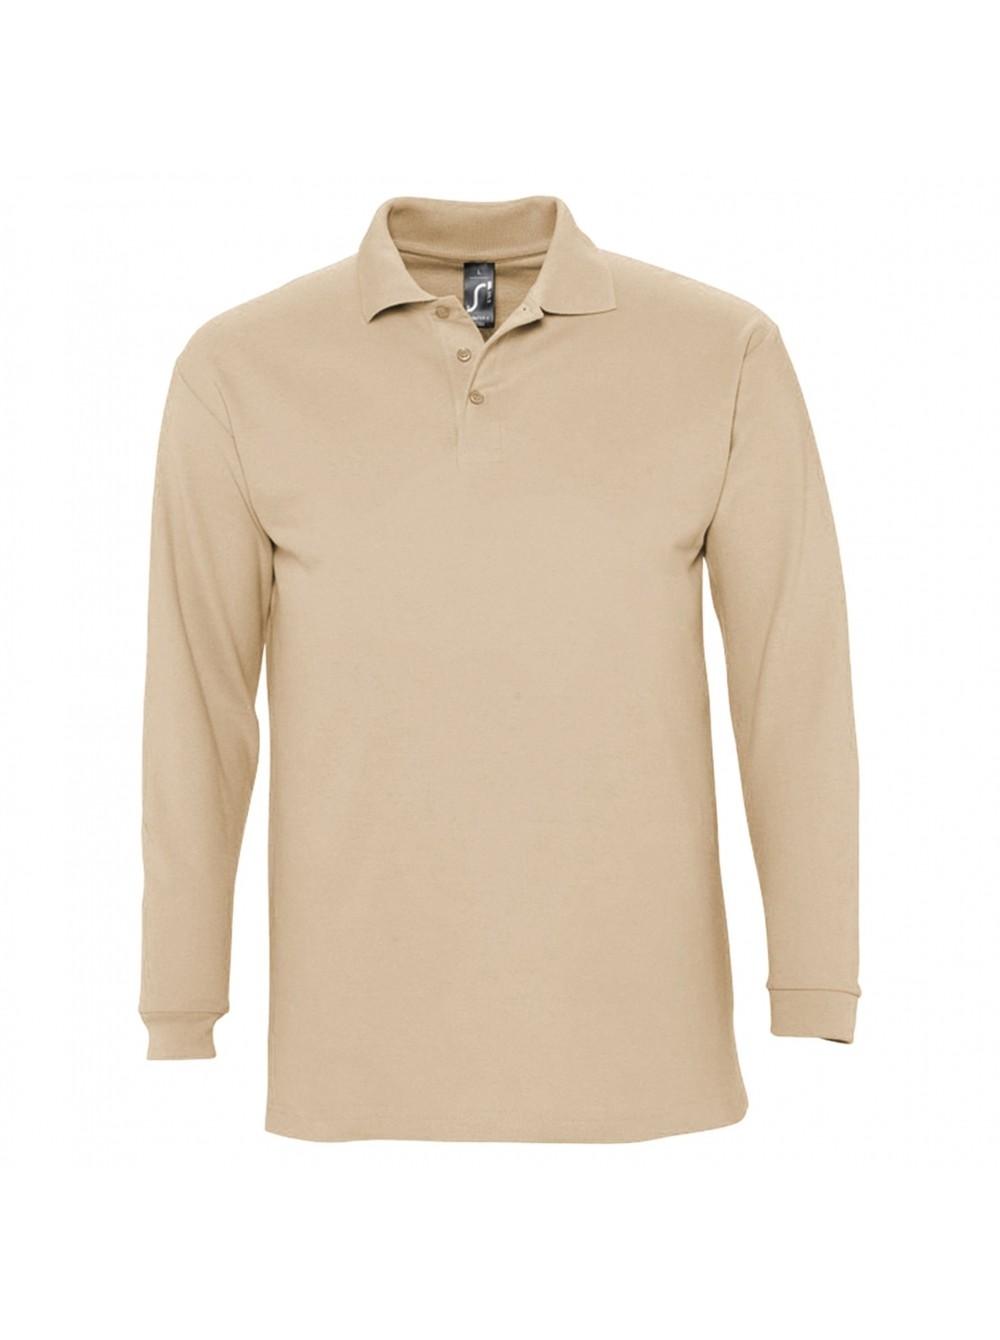 1233ac7074104 Рубашка поло мужская с длинным рукавом WINTER II 210 бежевая Sol's ...